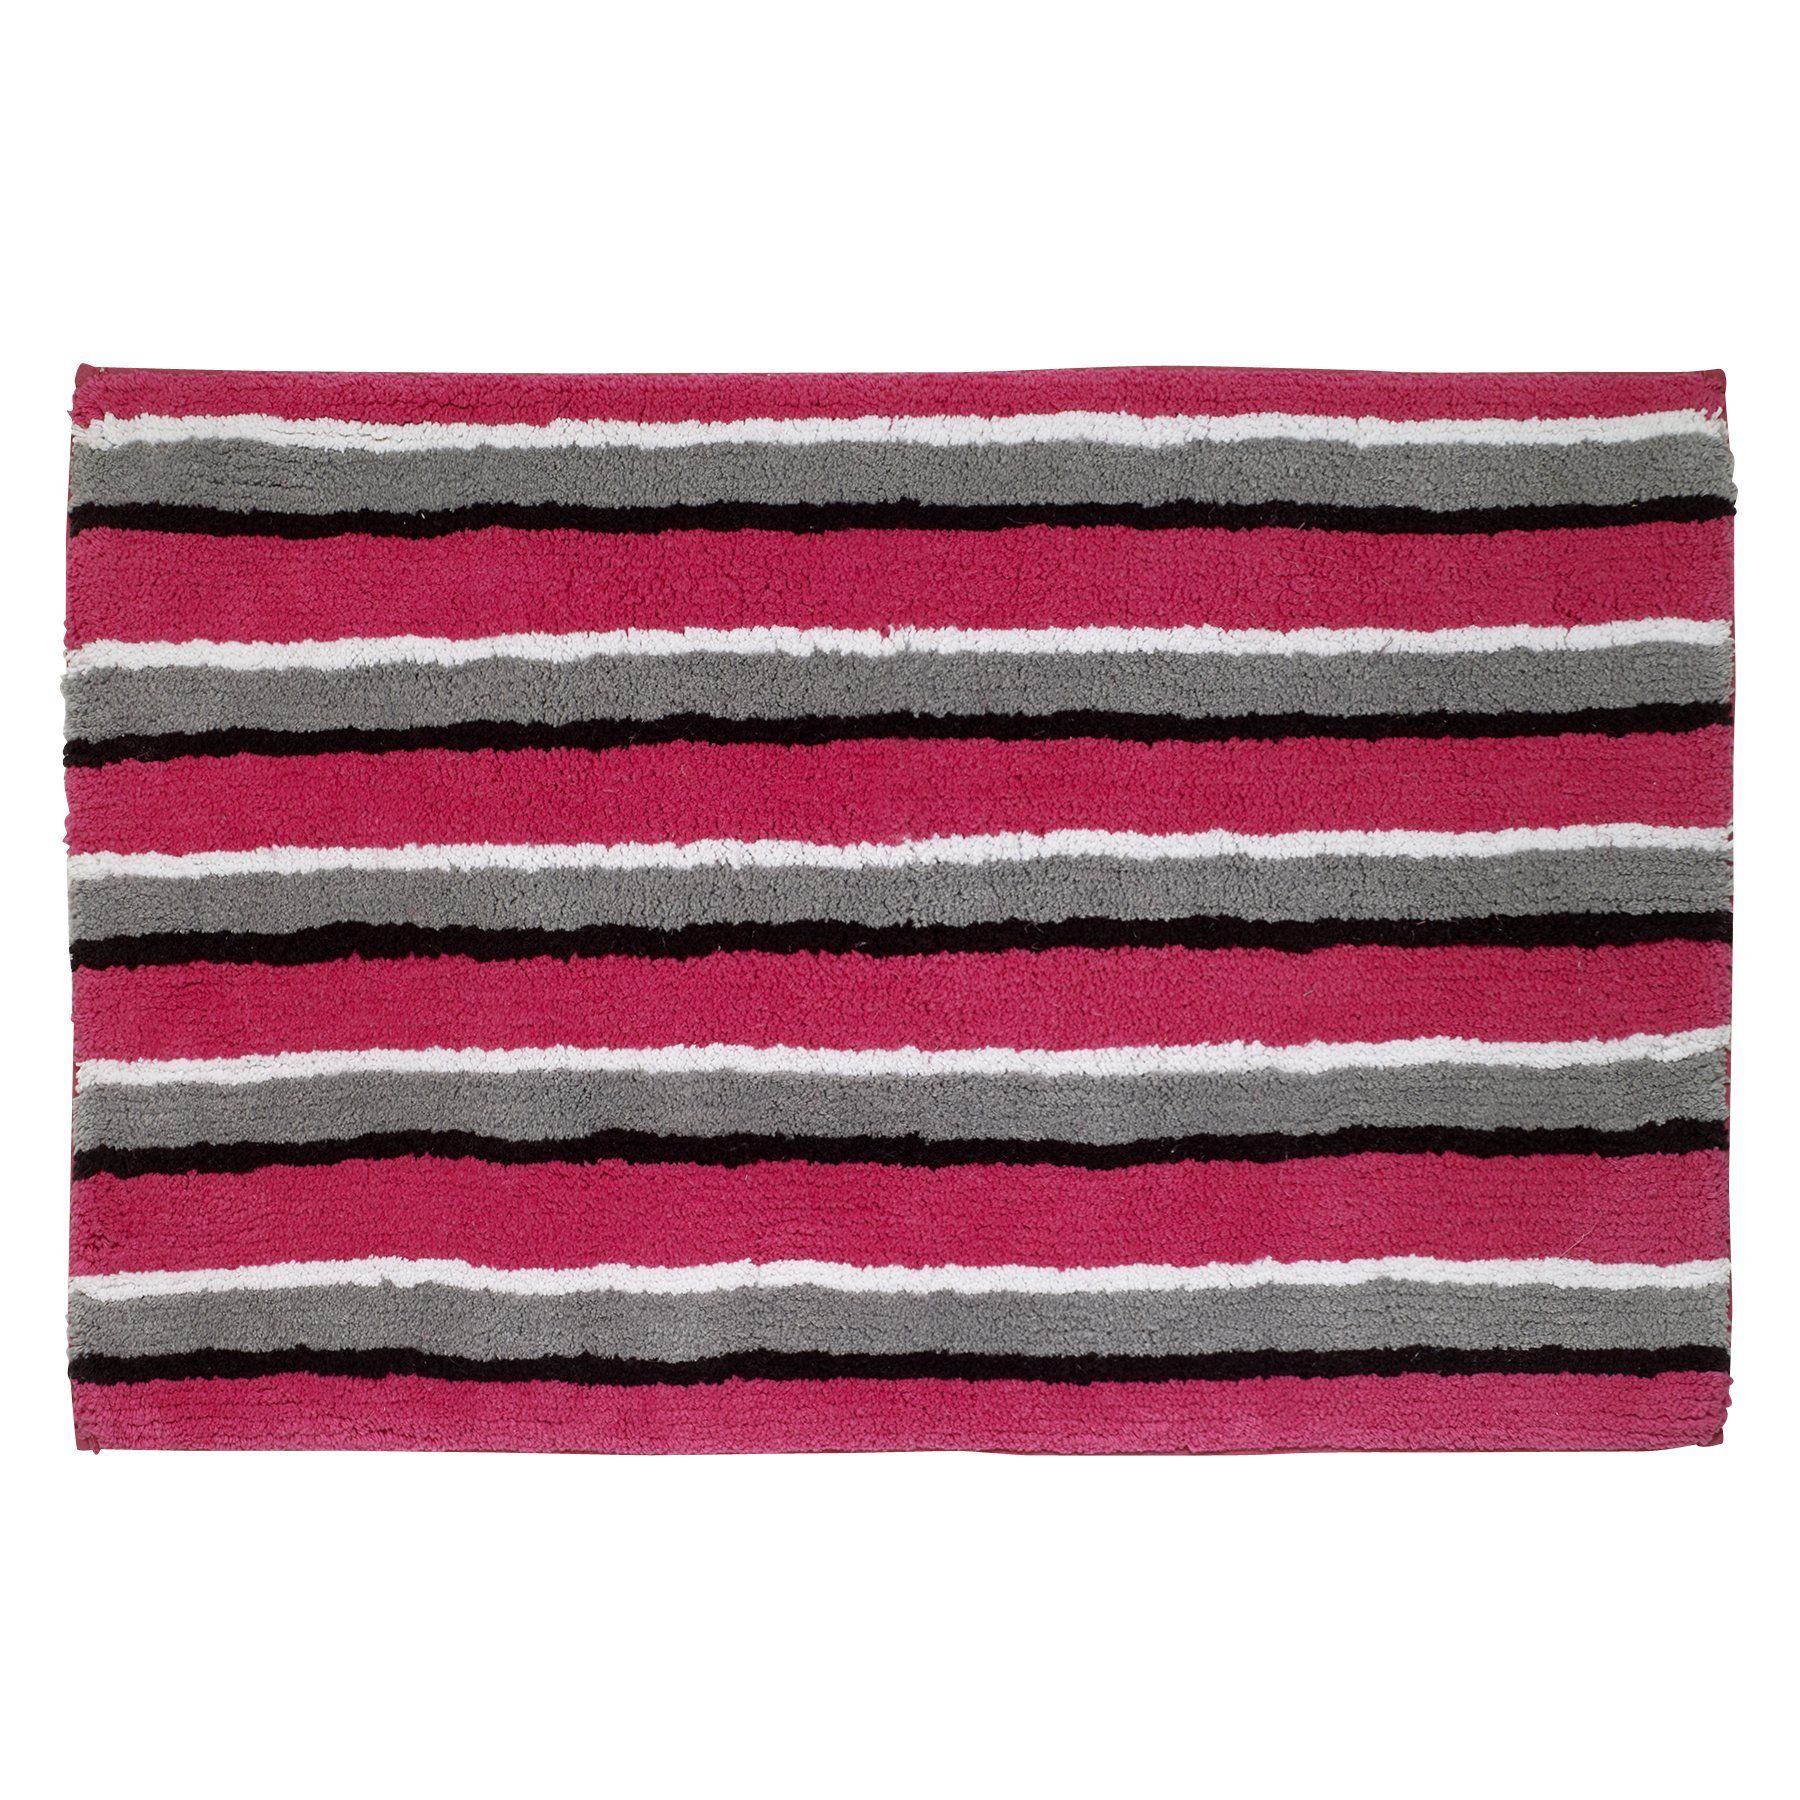 Avanti Linens 13824jmul Chloe Bath Rug Medium Multicolor Bath Rug Rugs Striped Bath Rug [ 1800 x 1800 Pixel ]